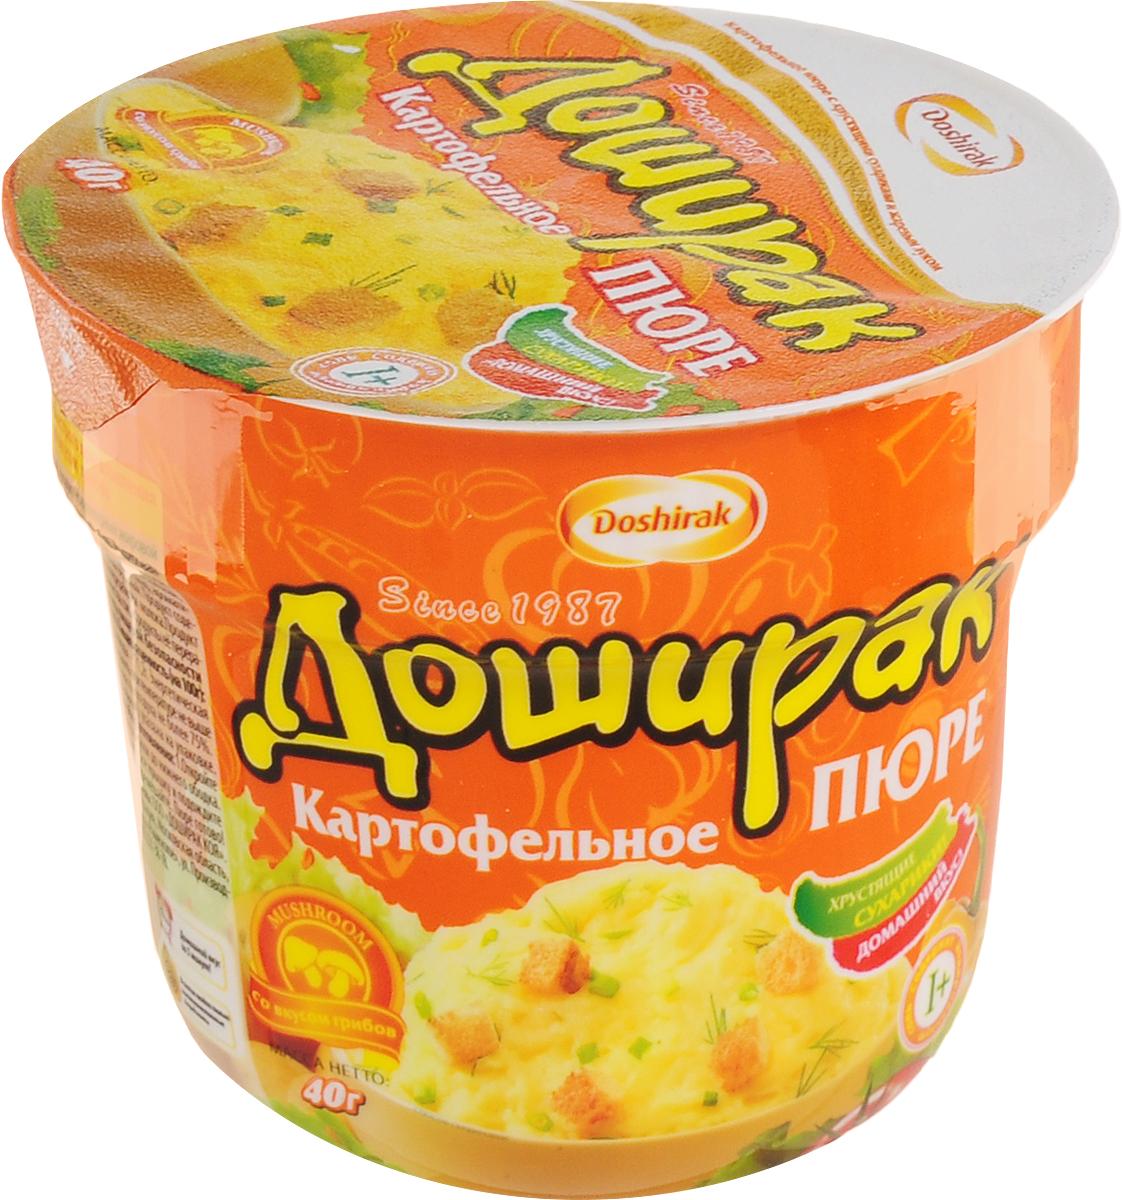 Doshirak пюре картофельное быстрого приготовления со вкусом грибов, в стакане, 40 г